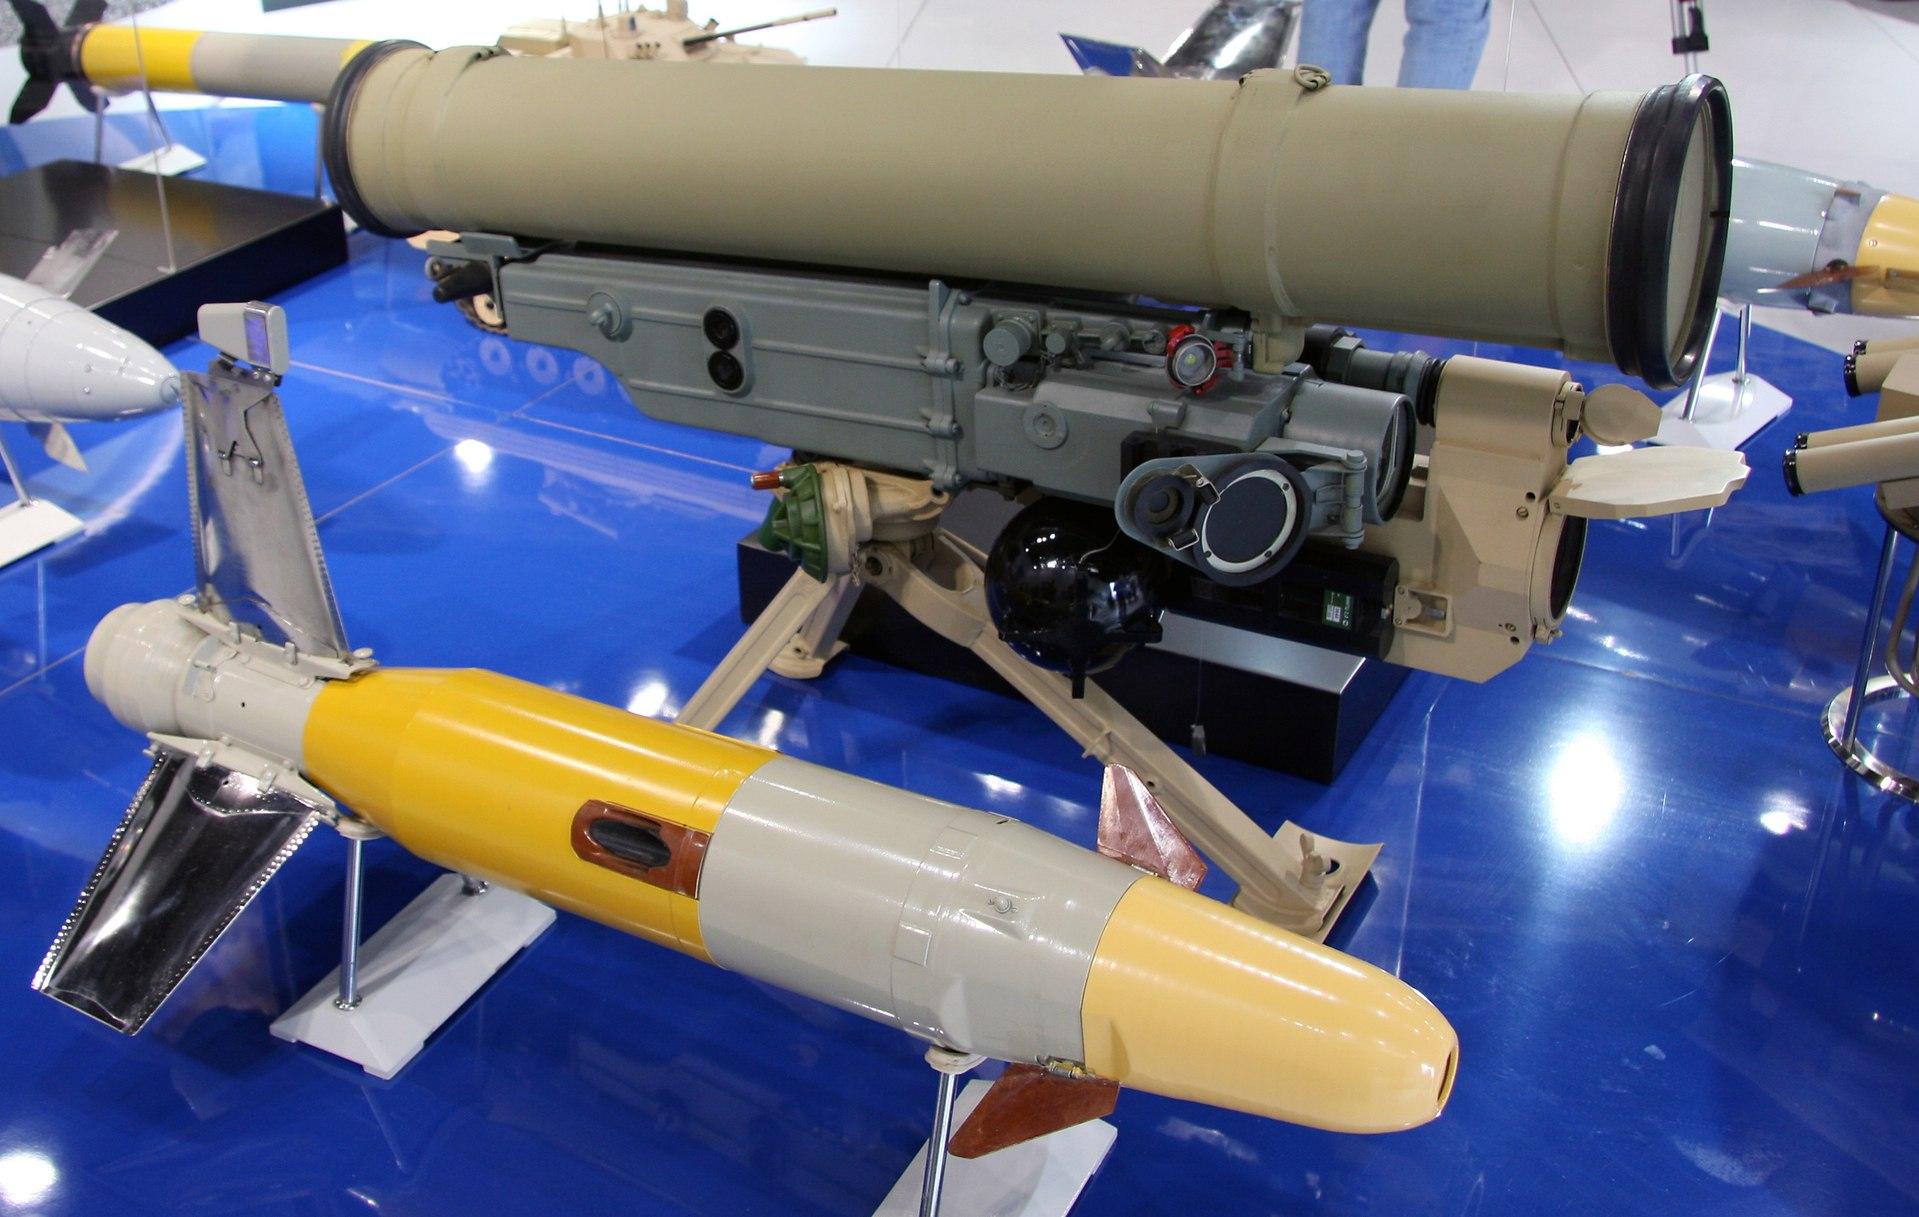 """Противотанковый ракетный комплекс """"Метис-М1"""" на авиасалоне МАКС-2009 (фото - Виталий Кузьмин, http://vitalykuzmin.net/)."""